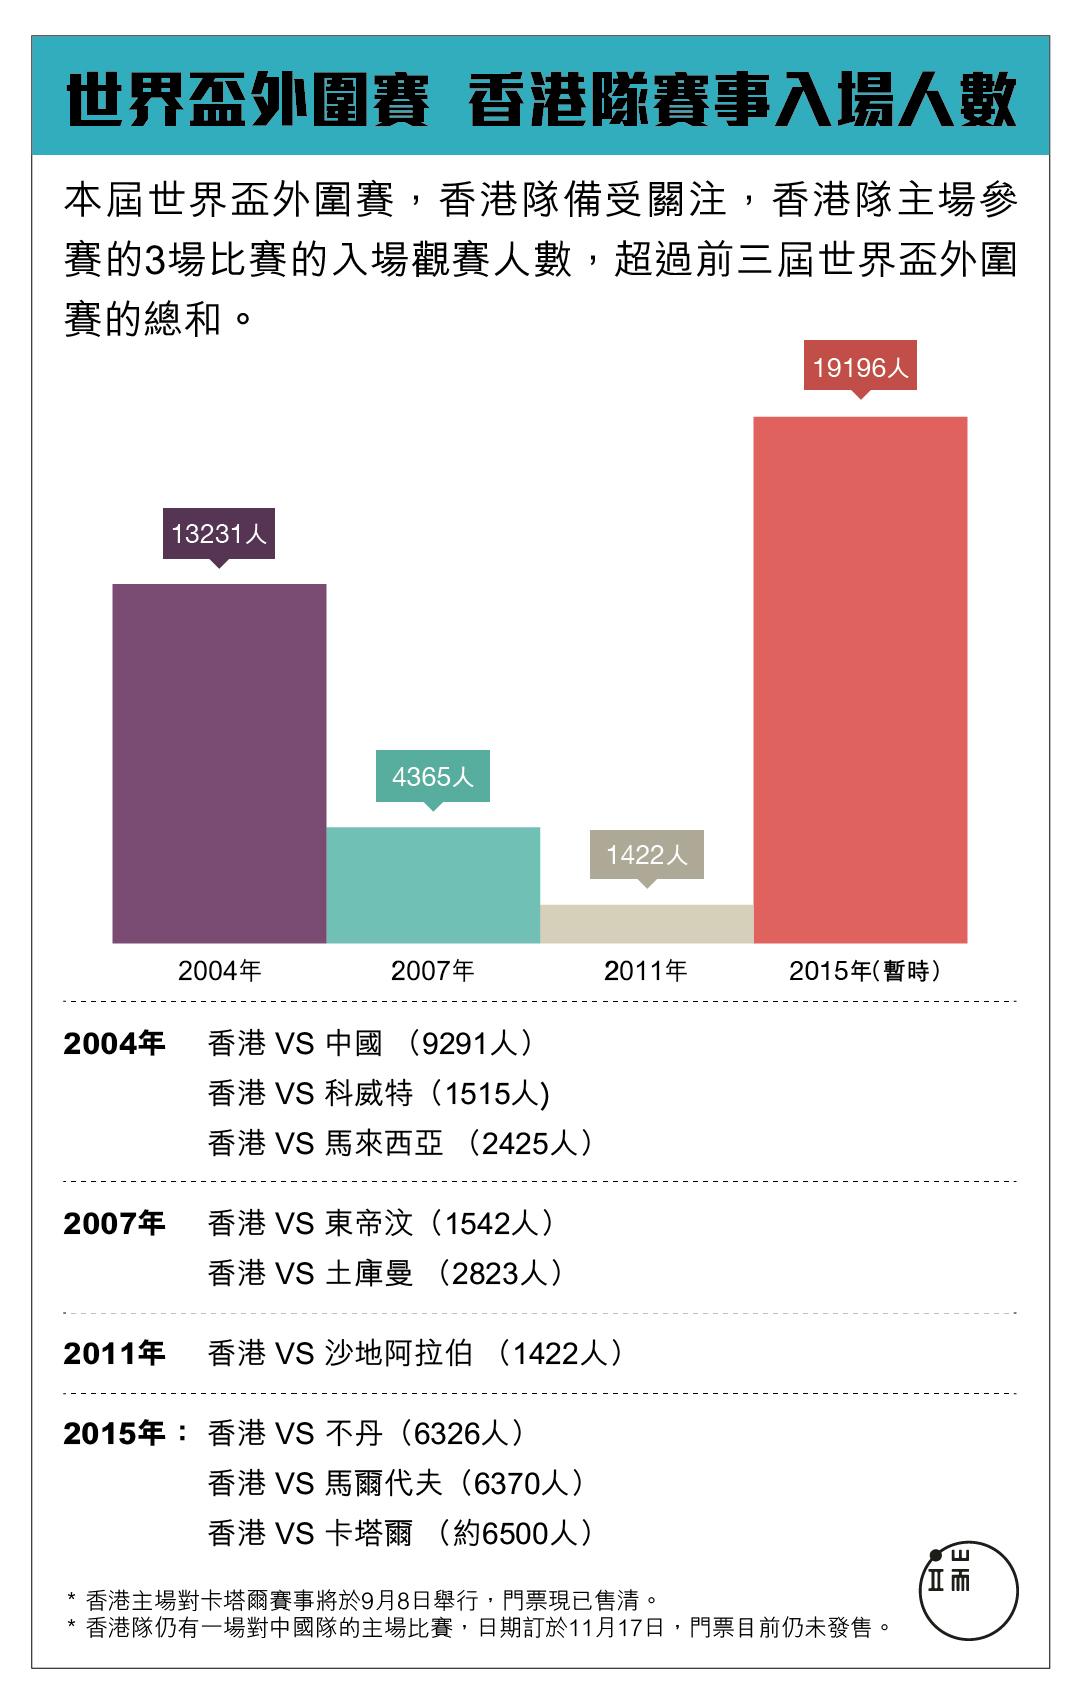 世界盃外圍賽香港隊賽事入場人數。製圖:端傳媒